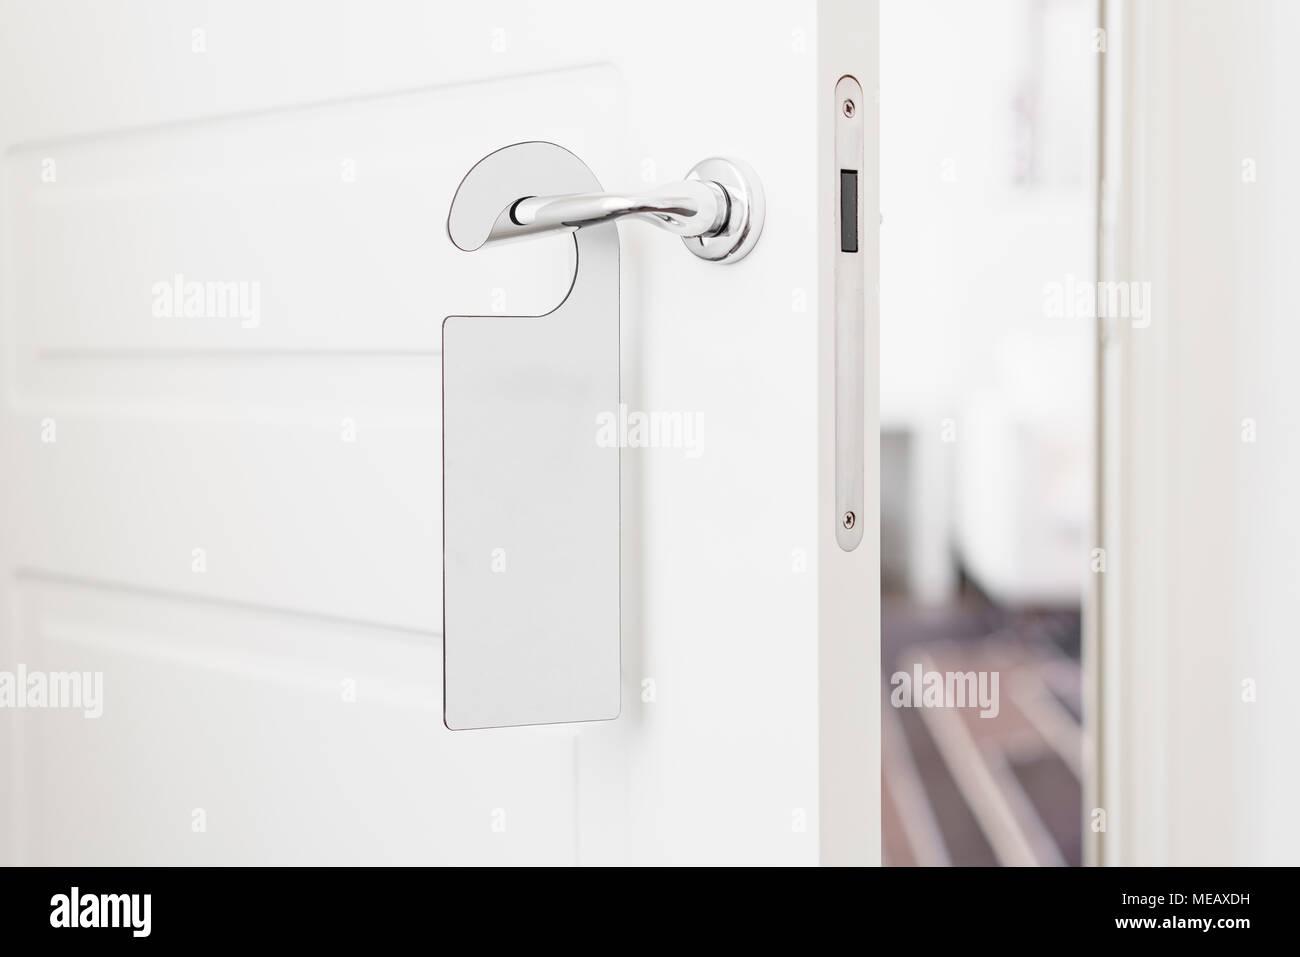 Bouton De Porte Avec Etiquette Vide Sur Une Poignee De Porte Pour